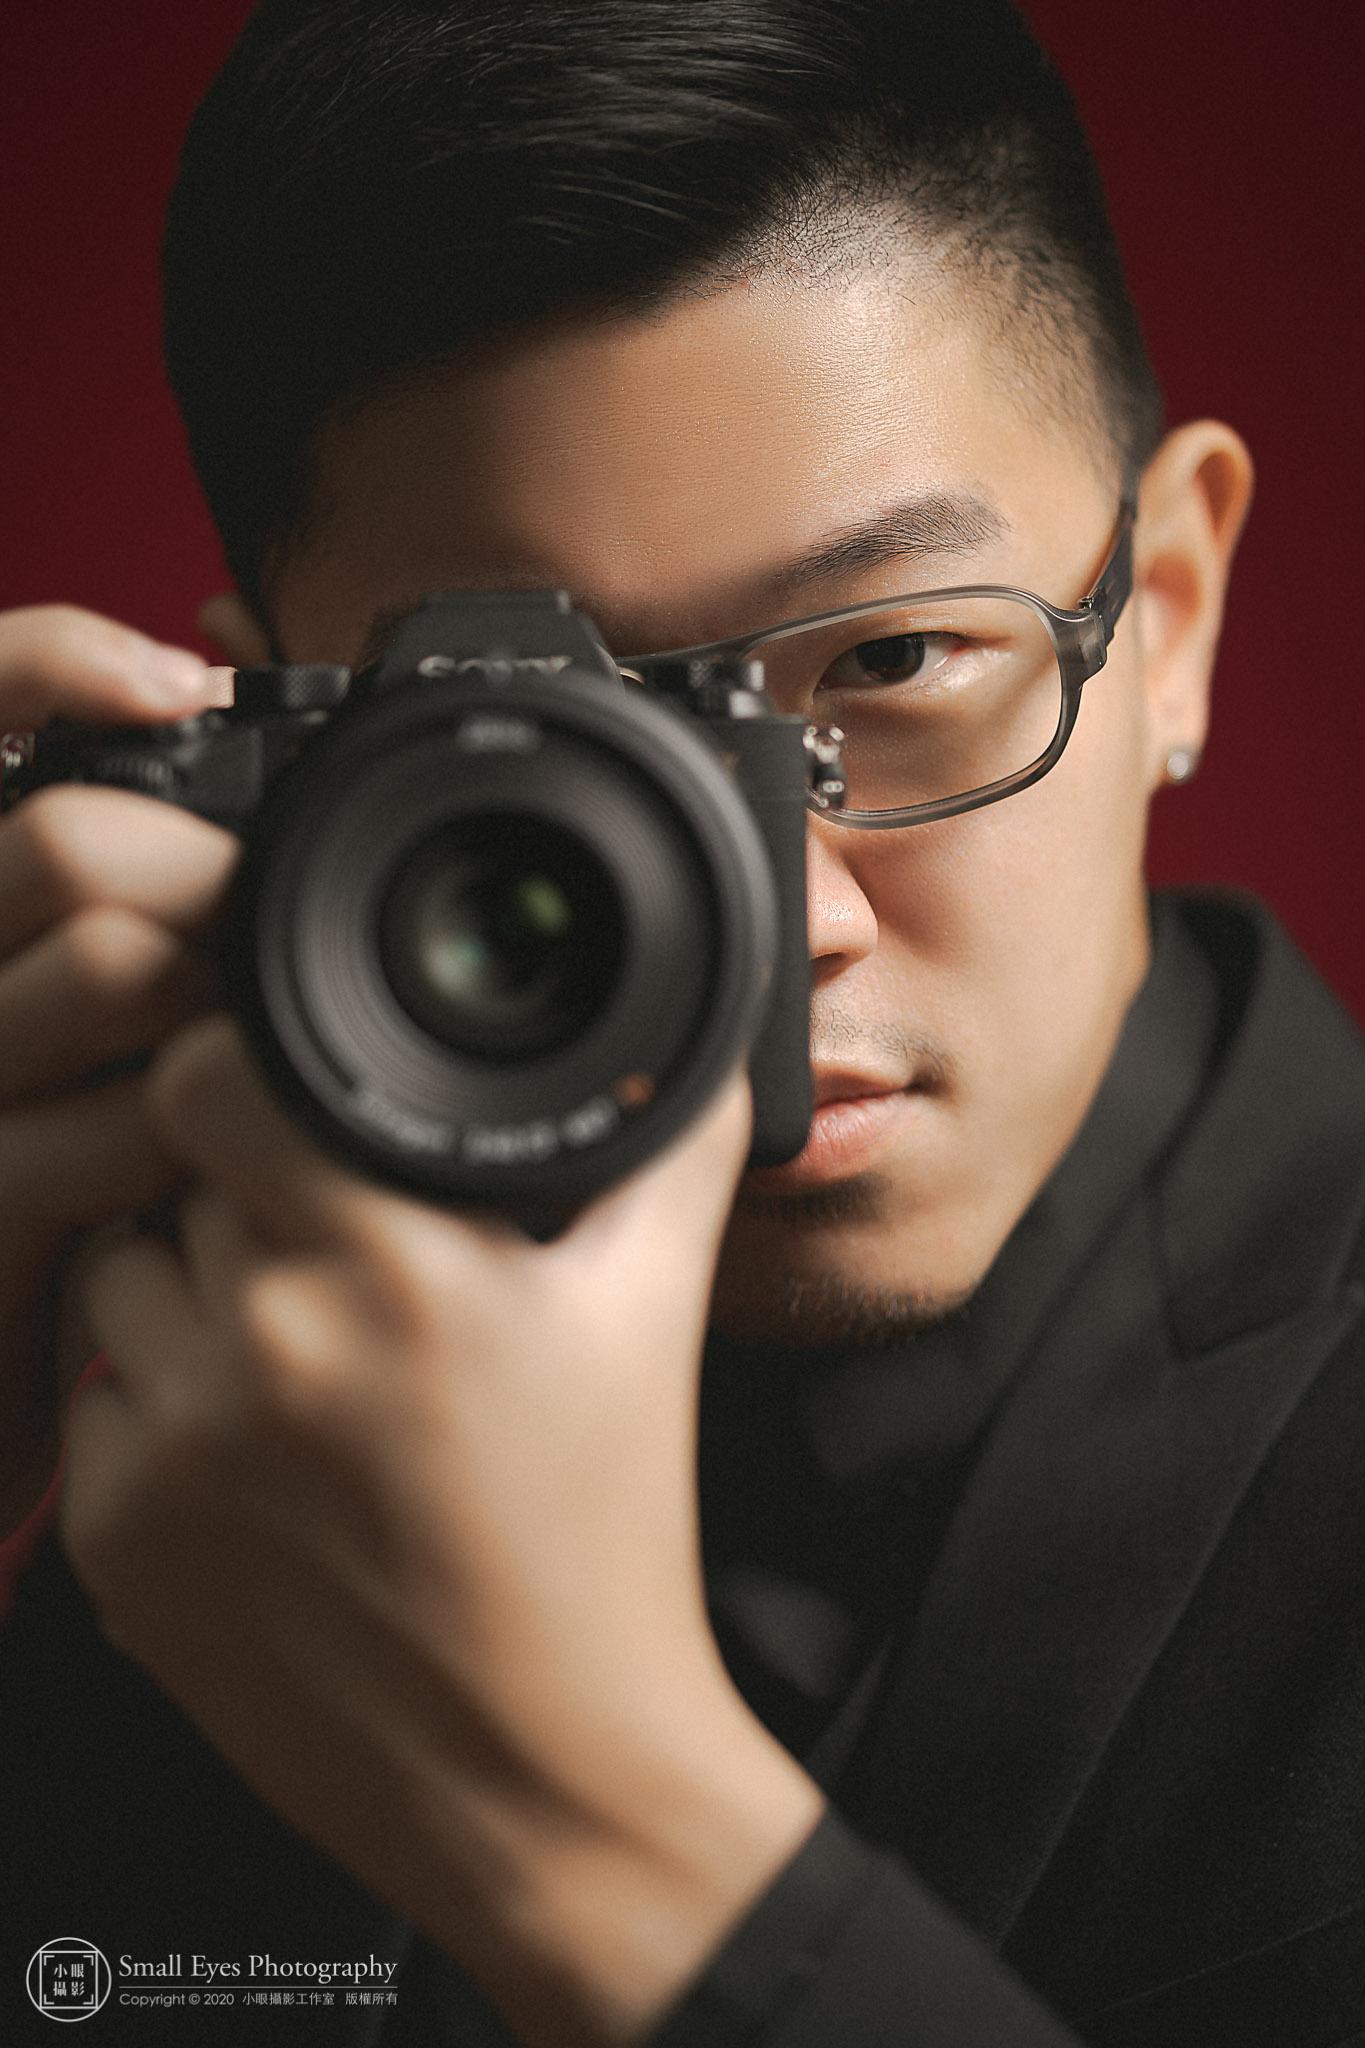 形象攝影,形象寫真,形象拍攝,專業形象,正成貿易,正成集團,蔡司,zeiss,Batis,2021,品牌代言人,傅祐承